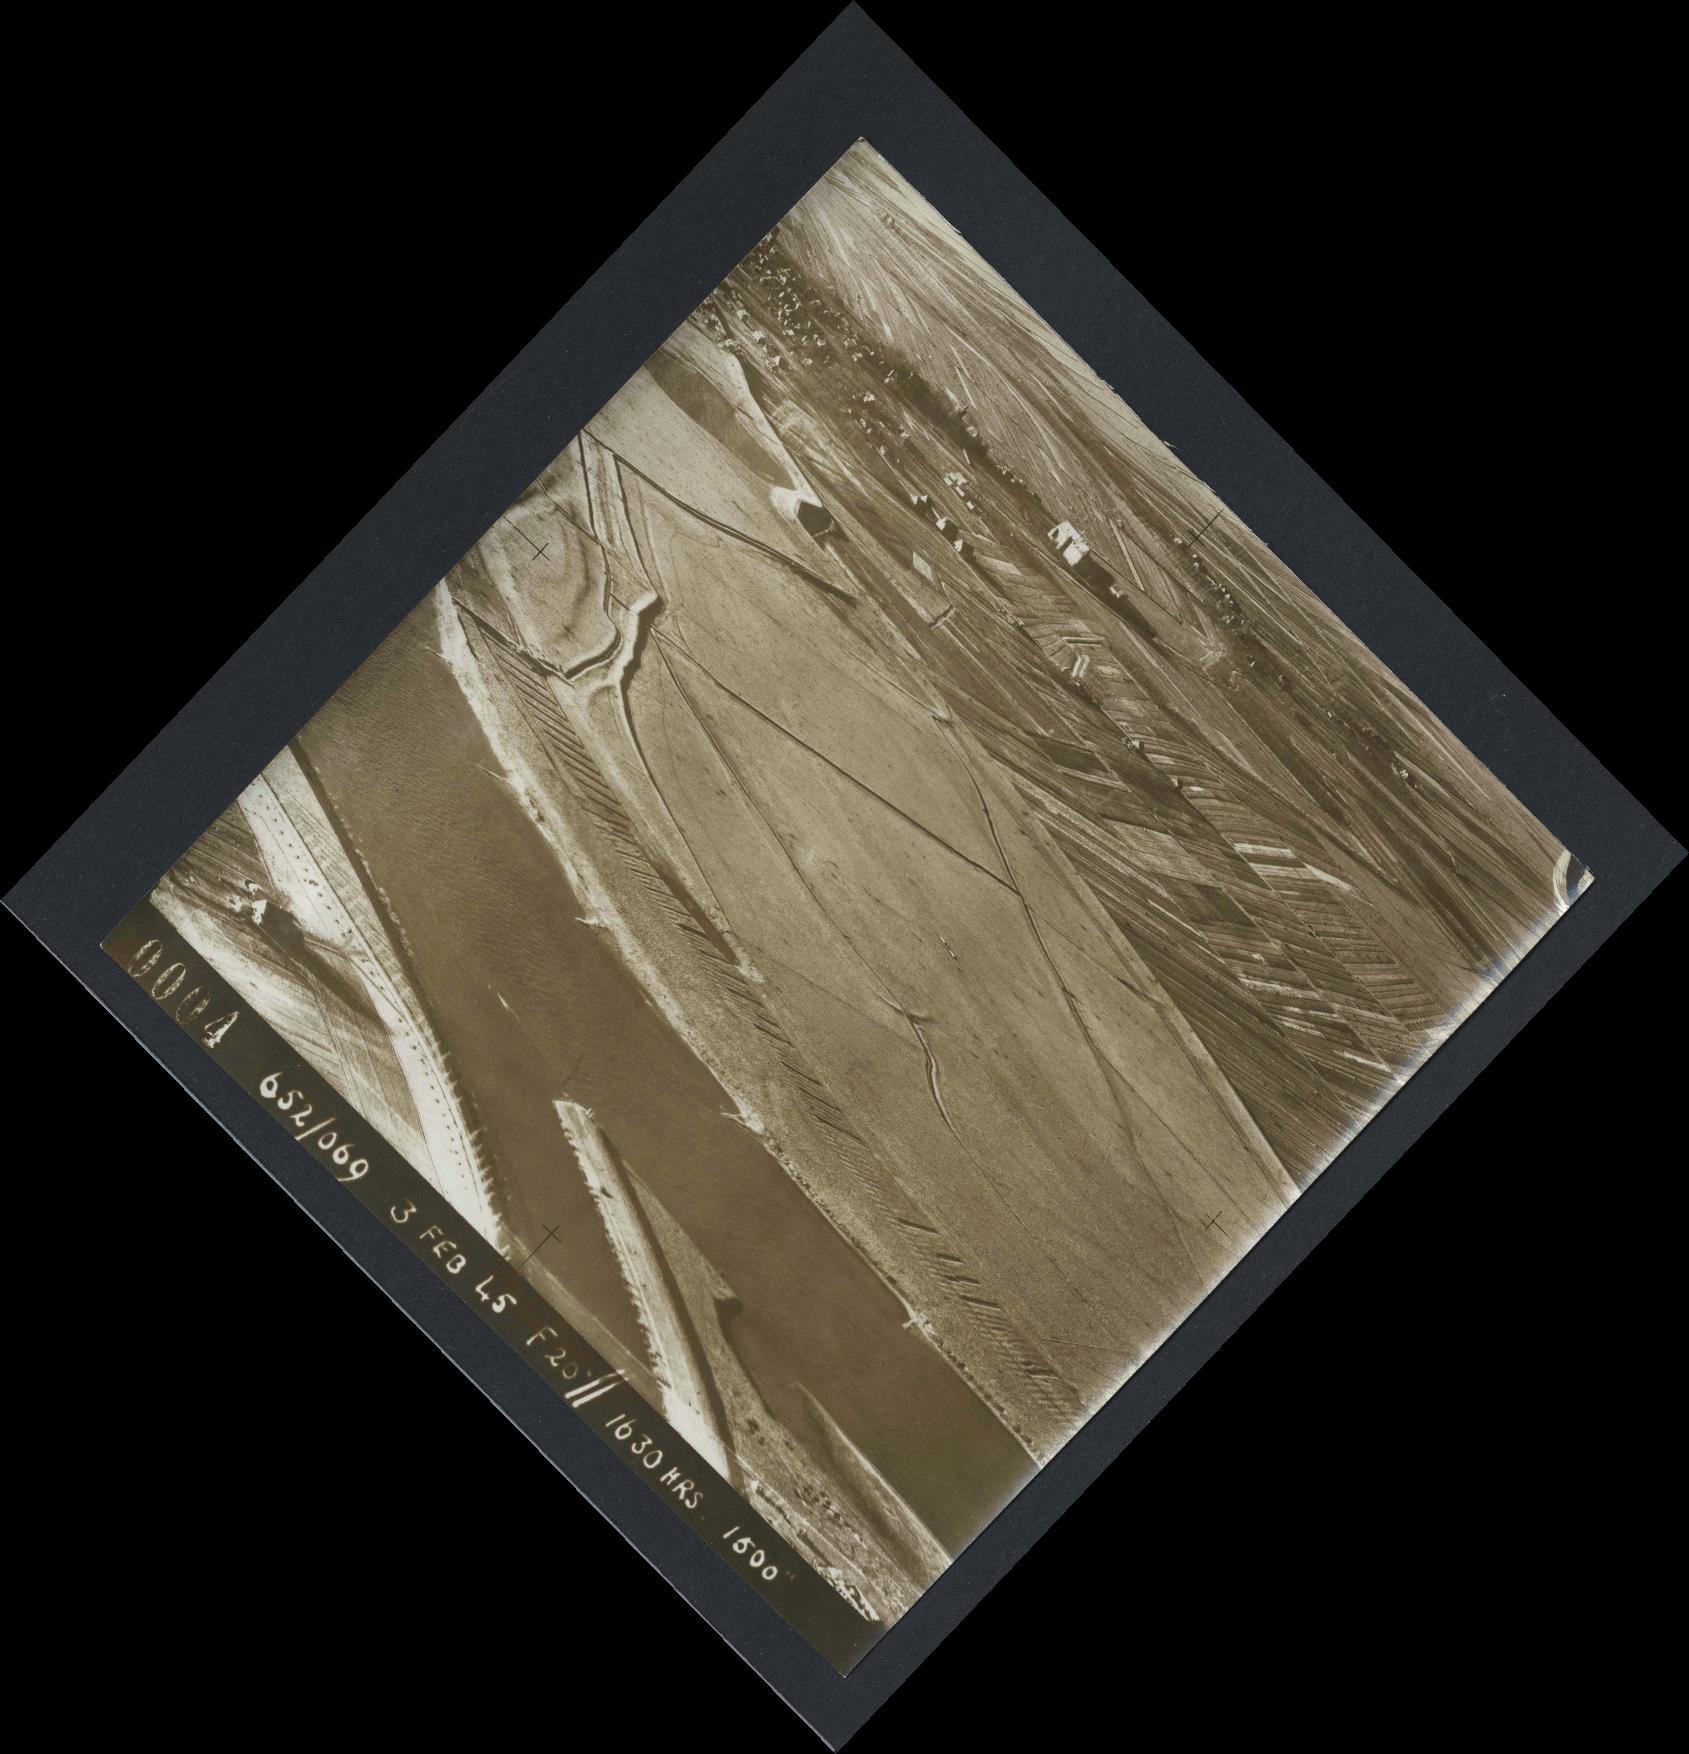 Collection RAF aerial photos 1940-1945 - flight 542, run 01, photo 0004